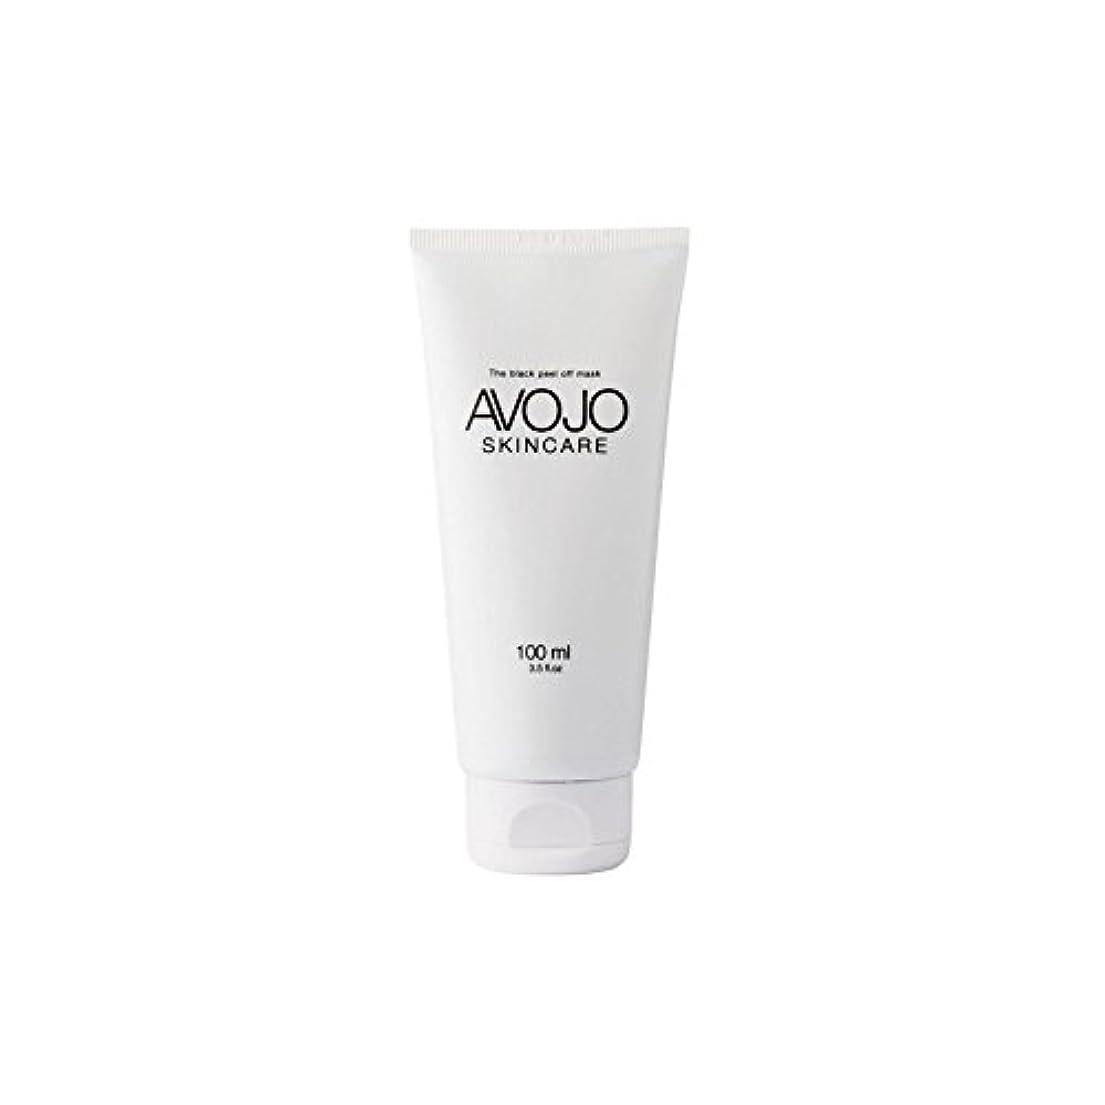 ターミナル協定パブ- 黒皮オフマスク - (ボトル100ミリリットル) x4 - Avojo - The Black Peel Off Mask - (Bottle 100ml) (Pack of 4) [並行輸入品]